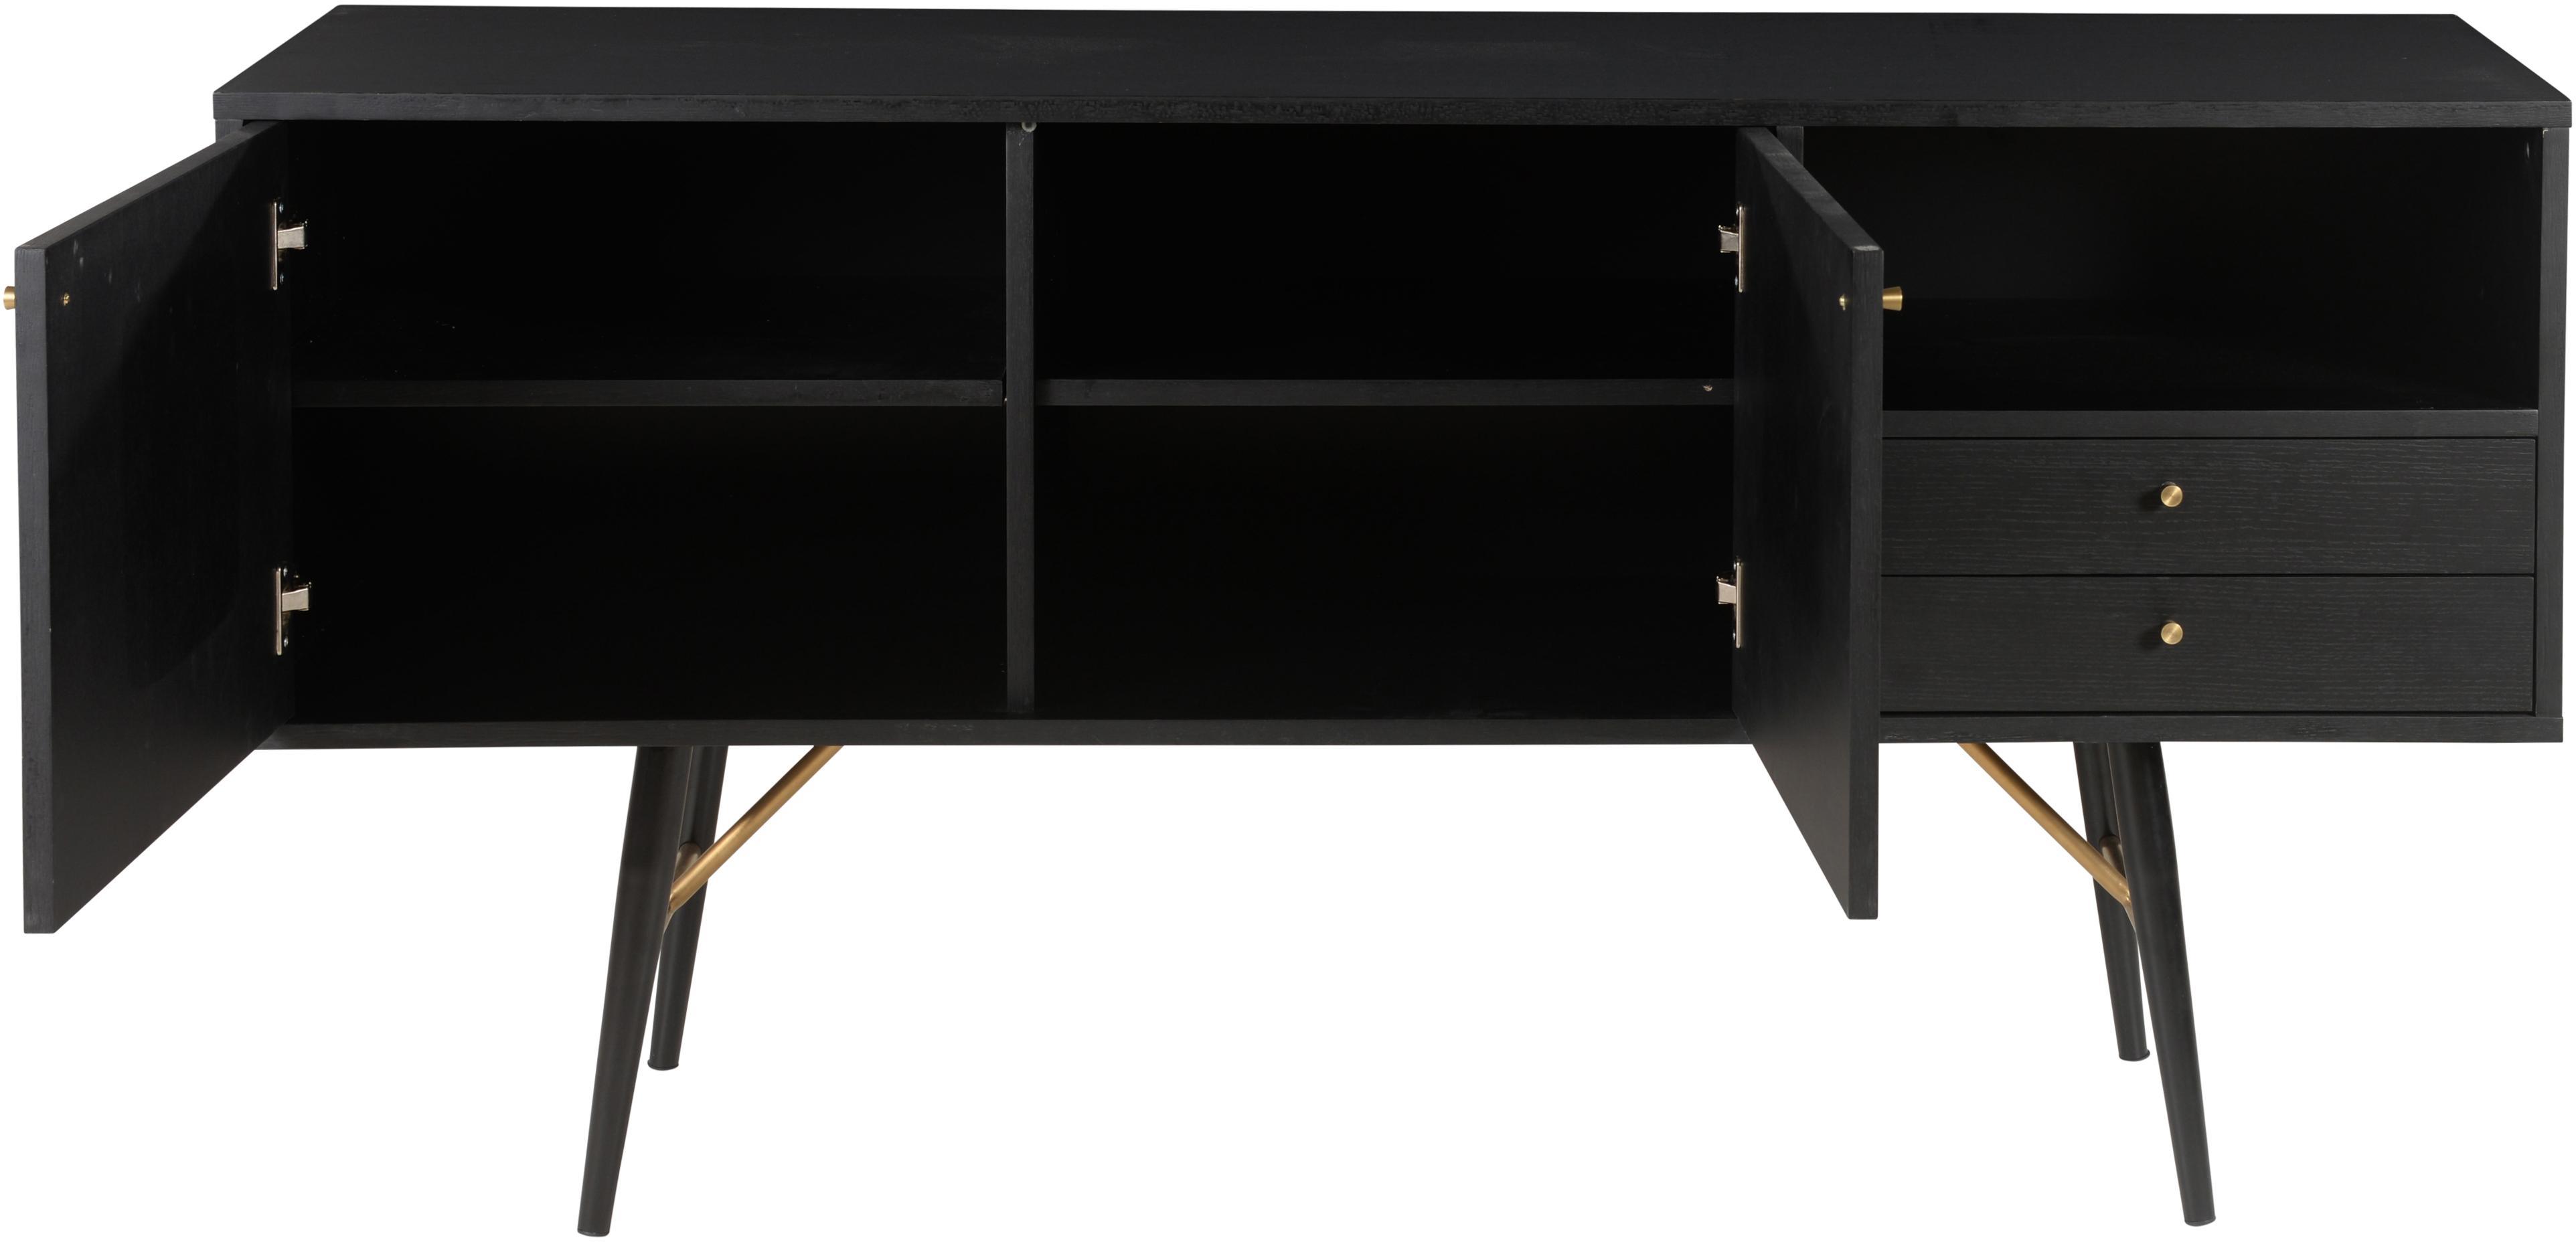 Schwarzes Sideboard Verona, Korpus: Mitteldichte Holzfaserpla, Beine: Metall, pulverbeschichtet, Schwarz, Messing, 160 x 45 cm